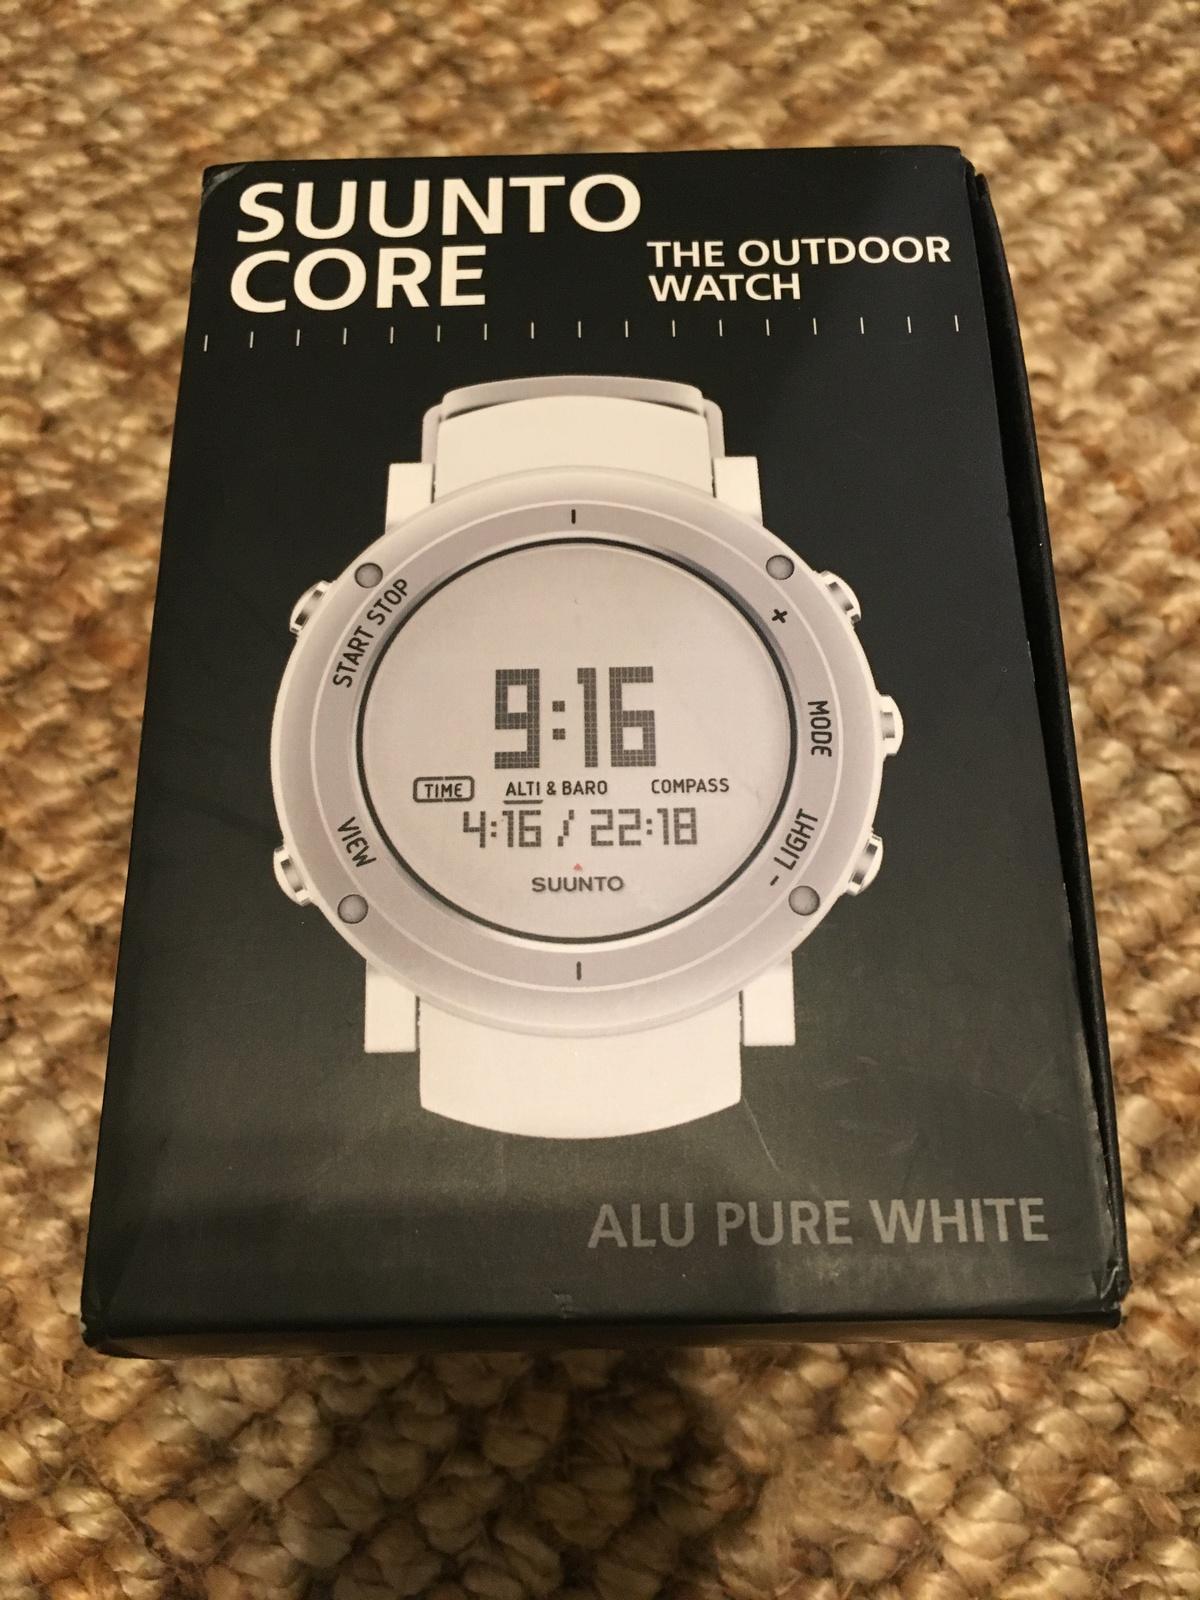 Verkauf Tausch Suunto Core Pure White Alu Ovp Outdoor Uhr Gps Watch Digital Img 0690